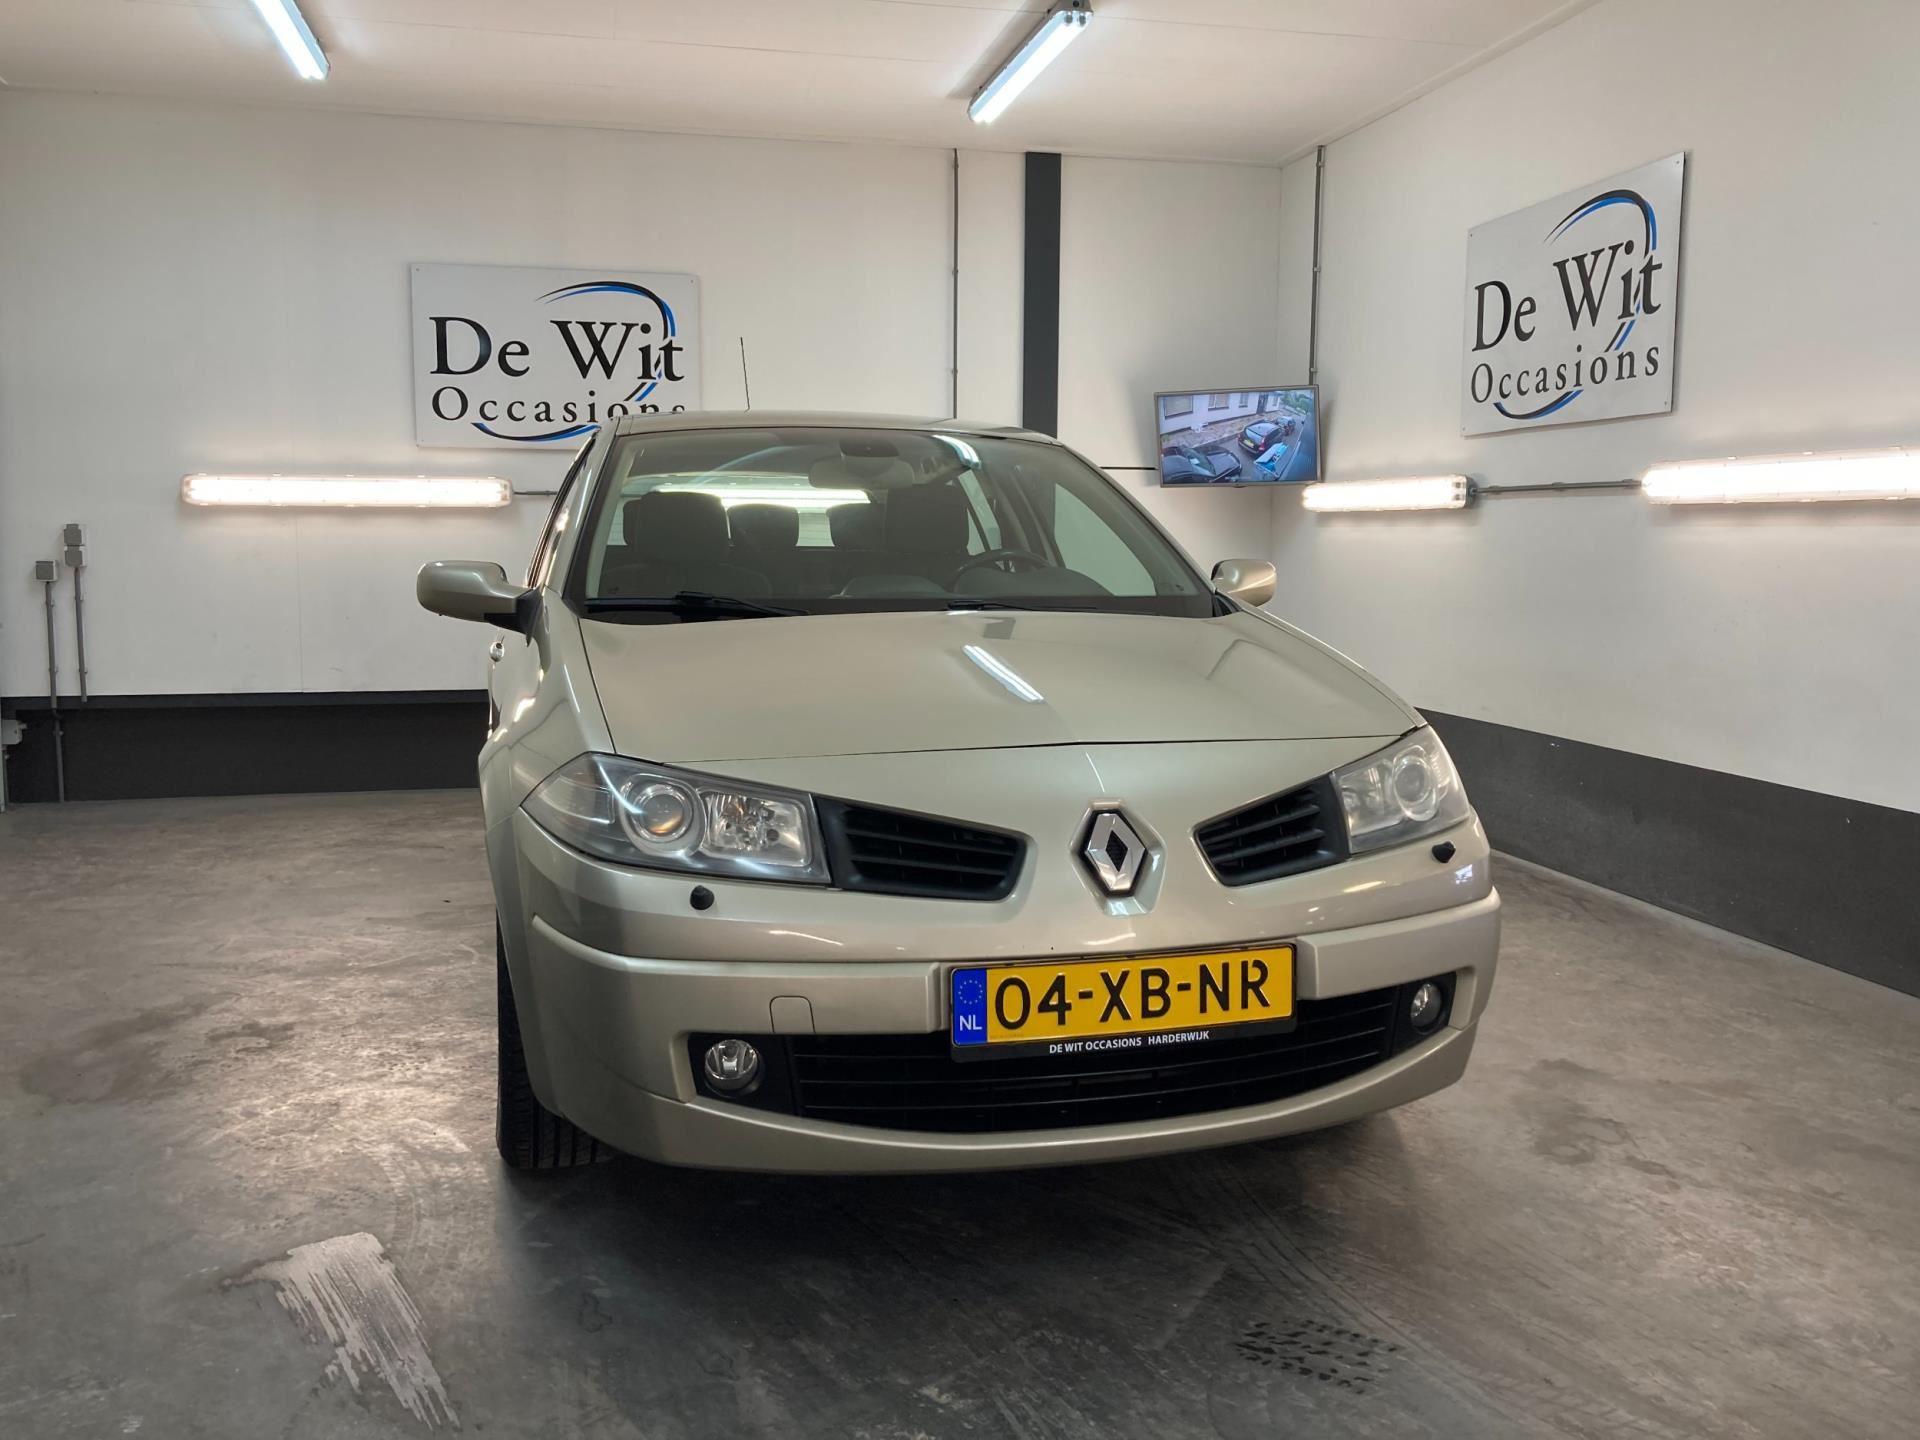 Renault Mégane occasion - De Wit Occasions